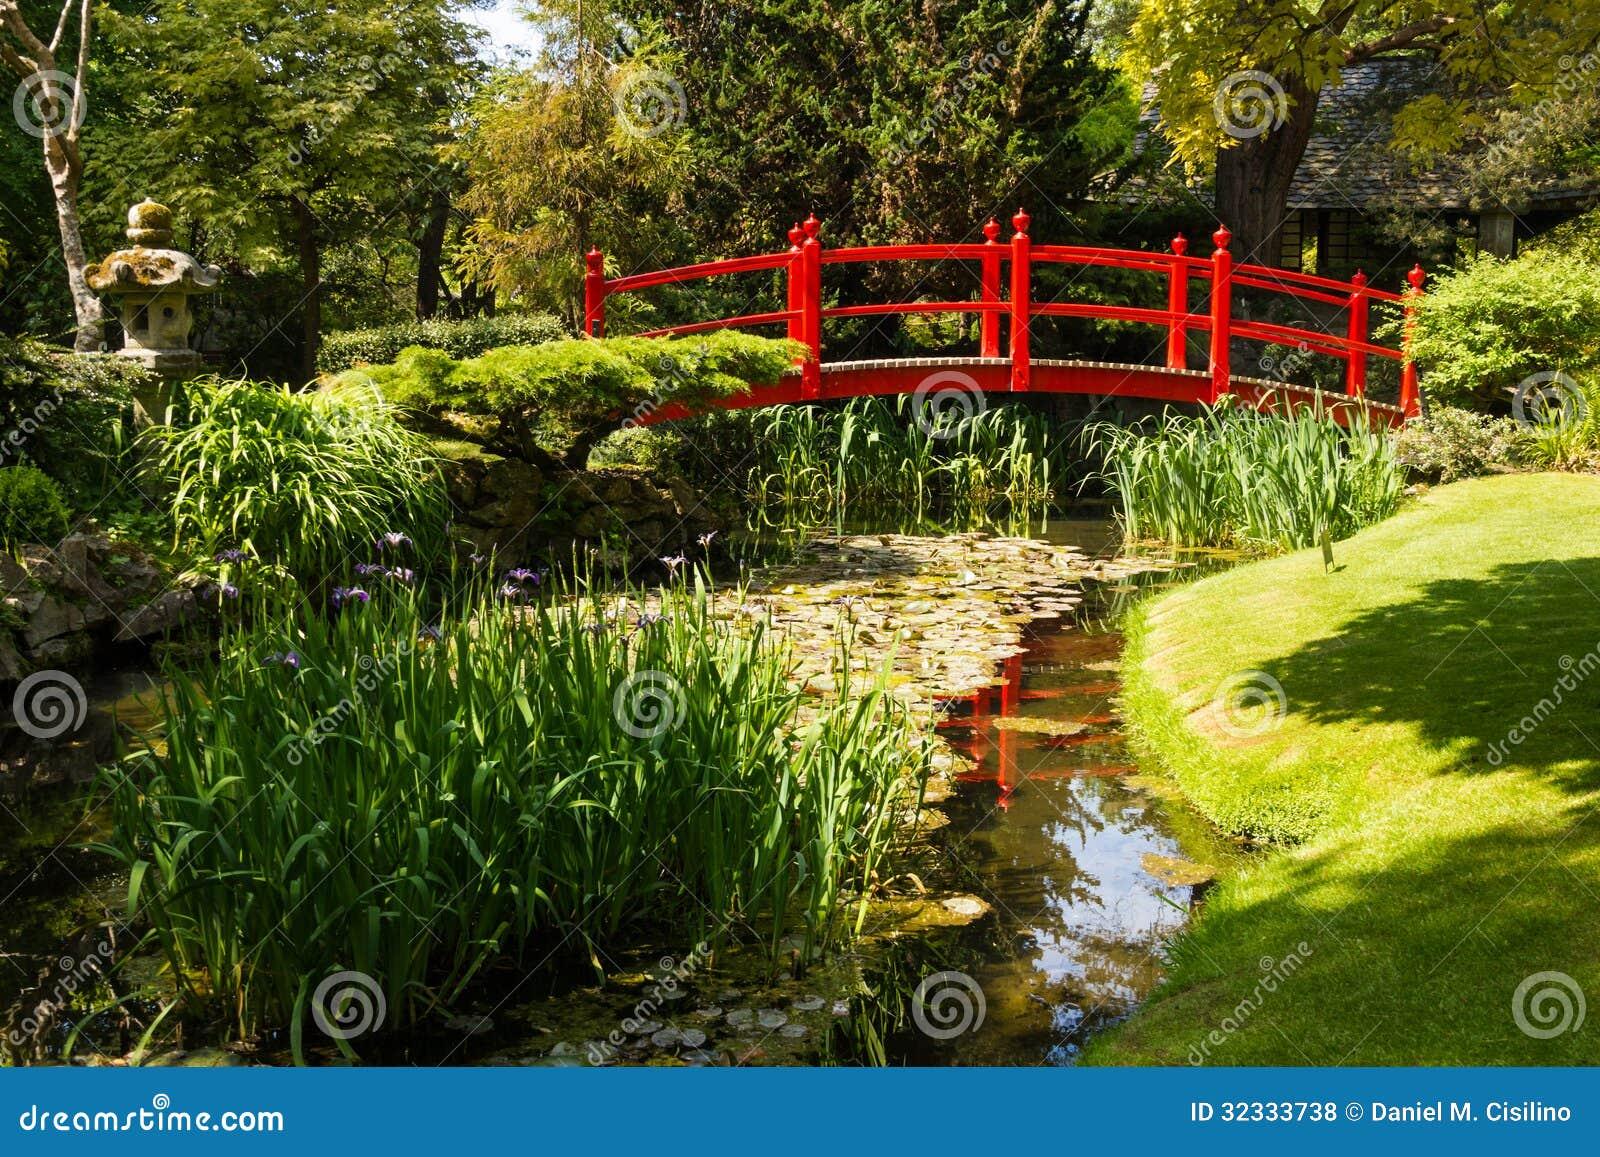 Puente rojo los jardines japoneses del perno prisionero - Fotos jardines japoneses ...